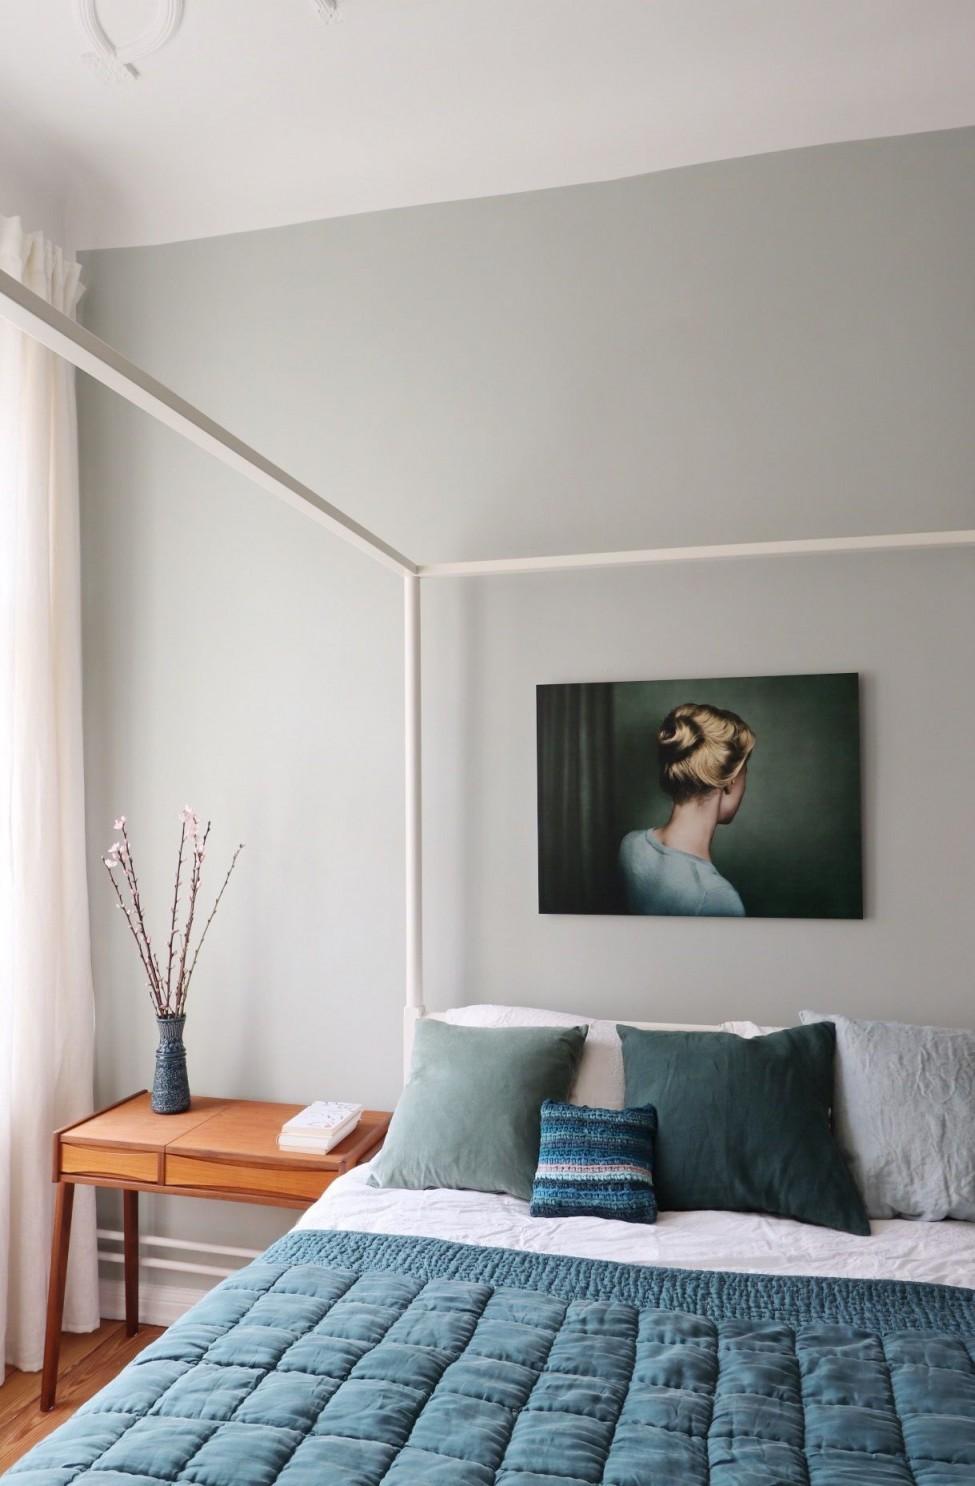 Die Schönsten Ideen Für Die Wandfarbe Im Schlafzimmer von Wandfarben Ideen Schlafzimmer Bild